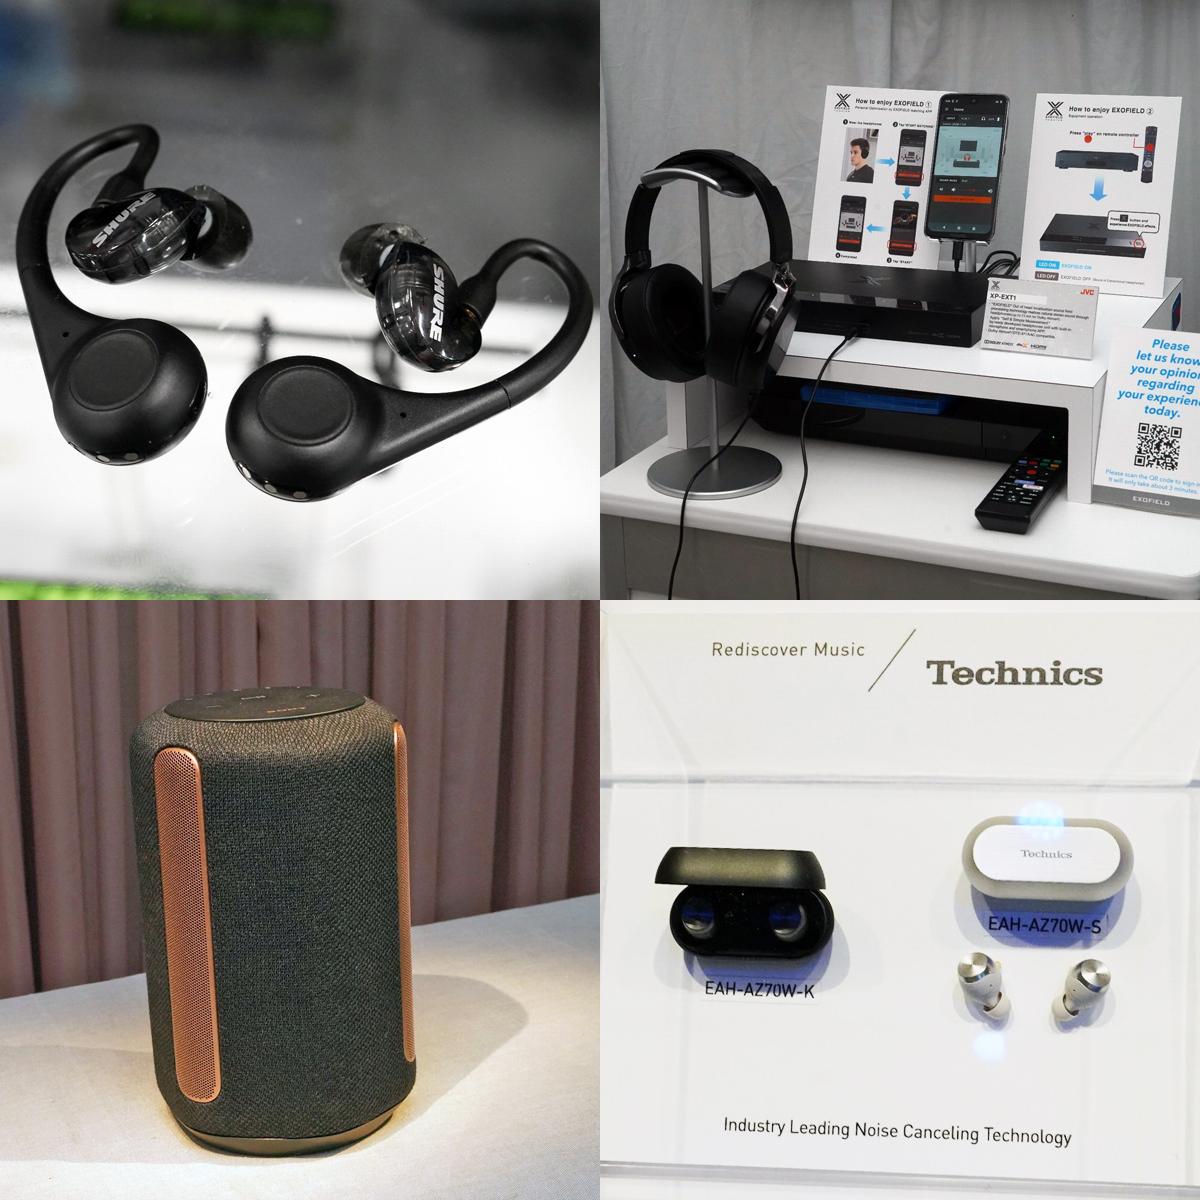 ノイキャン対応完全ワイヤレスイヤホンが目立つCES 2020。立体音響技術もブームの兆し!